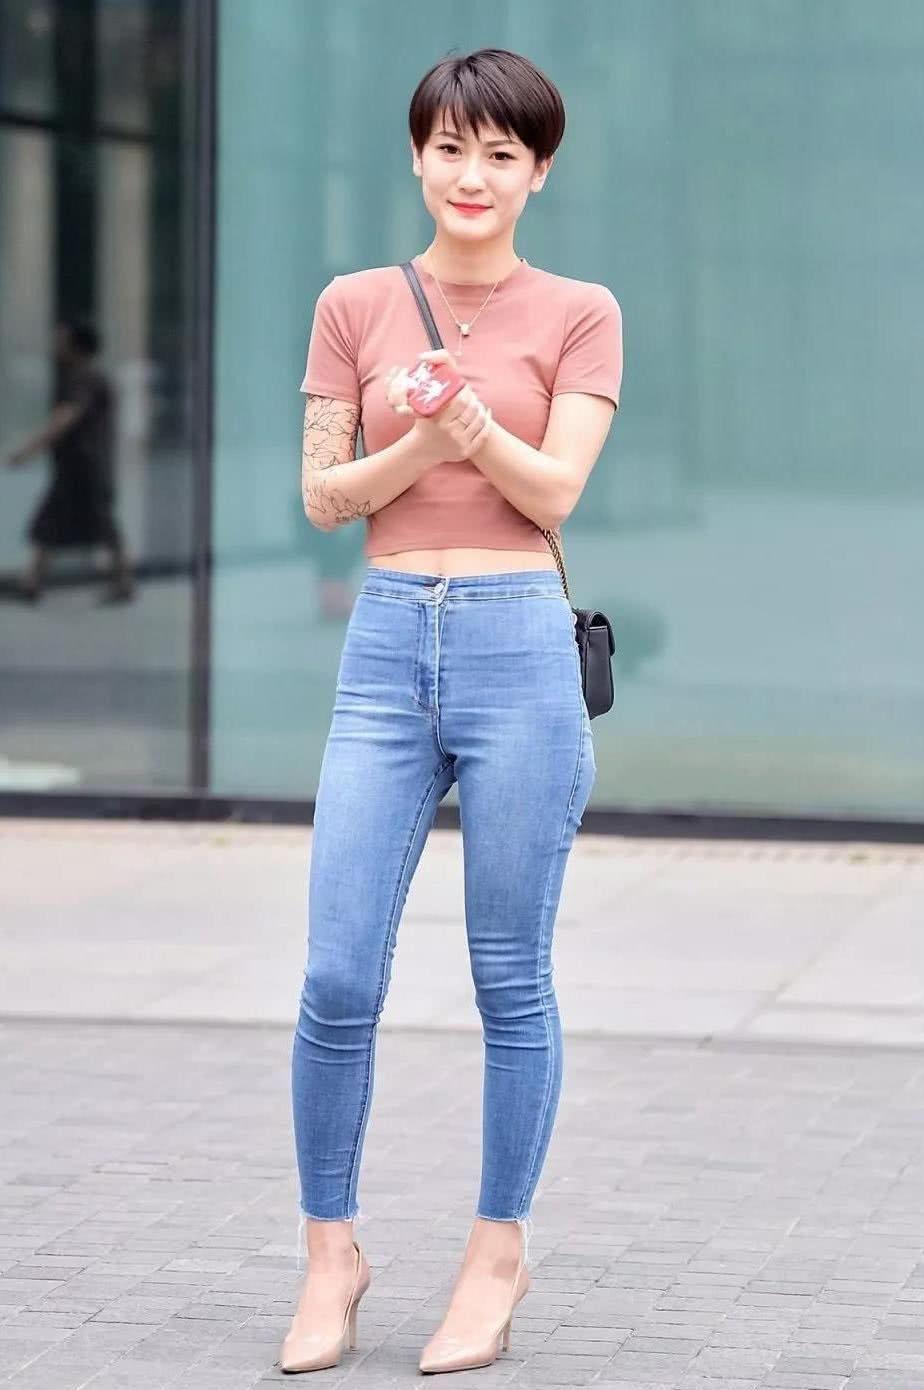 街拍:美女紧身牛仔裤勾勒出平坦健美的蛮腰,清爽的短发干净利落